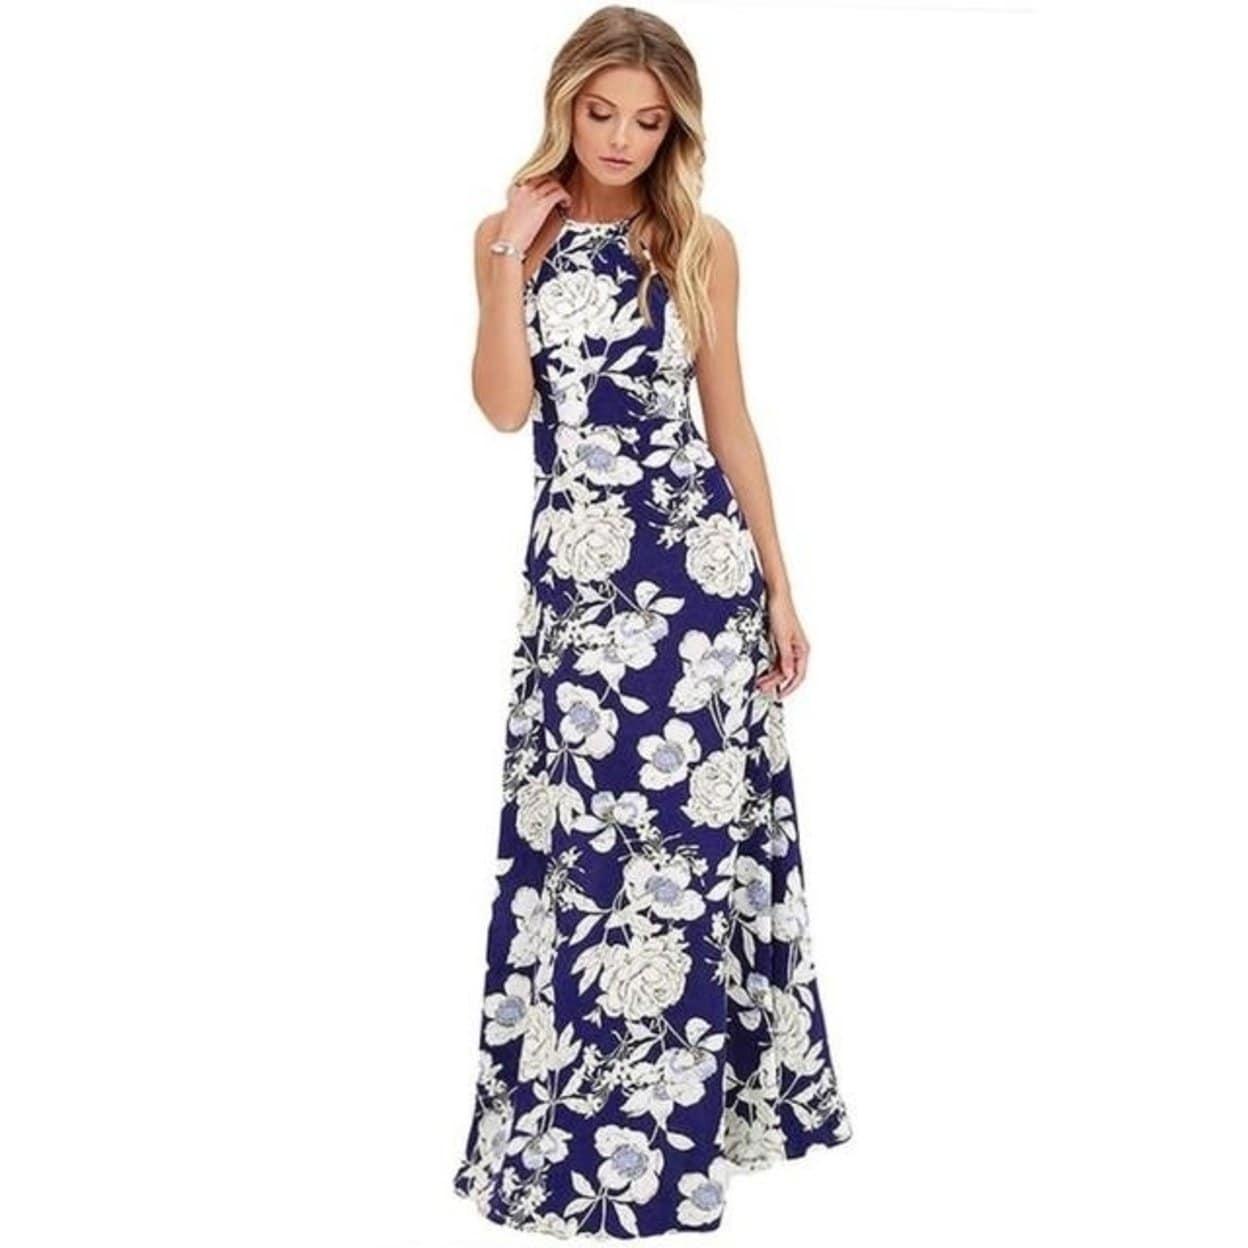 a92012ca74b0 Shop Summer Dress Women Boho Long Maxi Evening Party Dress Hot Backless Beach  Dresses Flower Print Halter Sundress - Free Shipping On Orders Over  45 ...